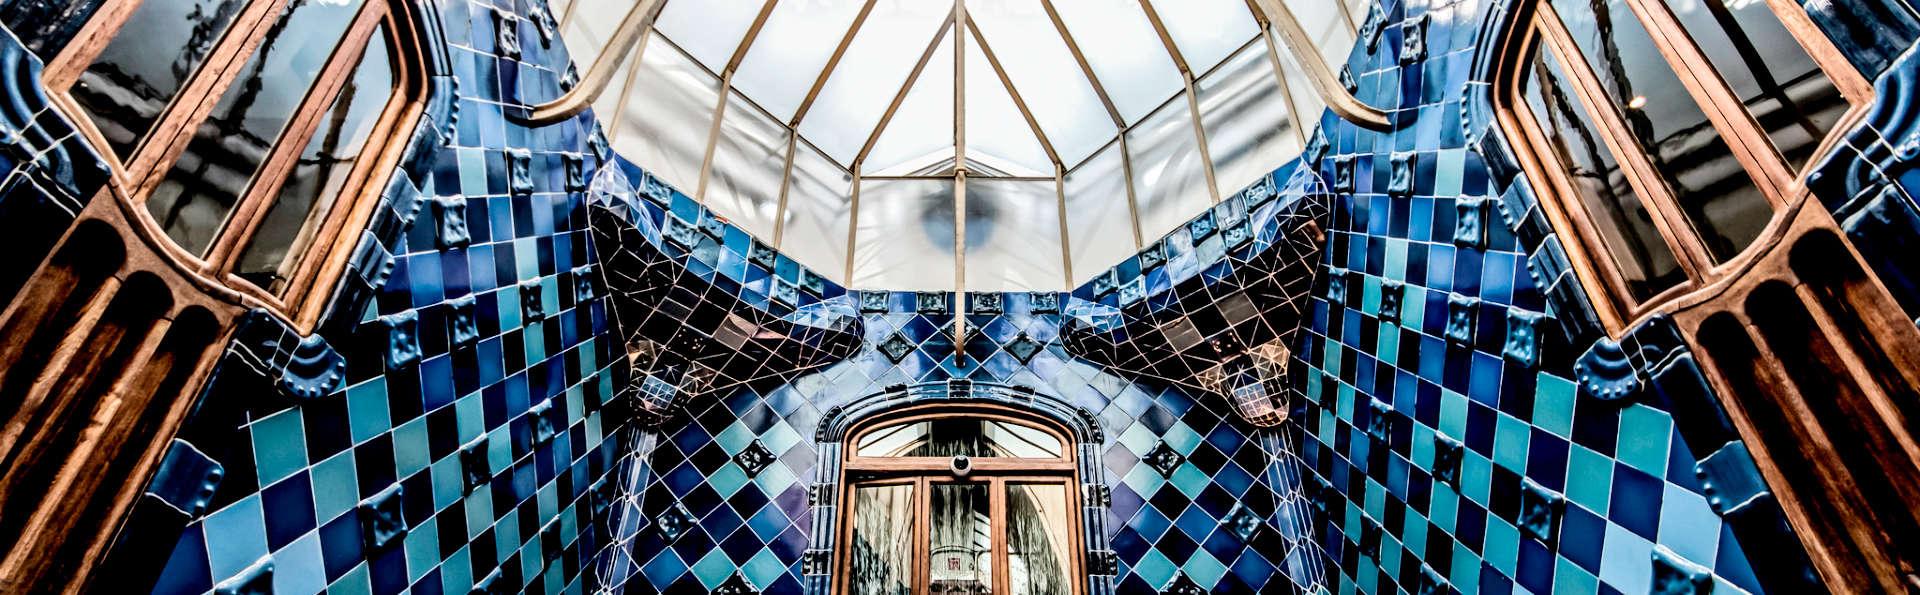 Spécial route de Gaudi : Découvrez l'architecture moderniste du centre de Barcelone (à partir de 3 nuits)